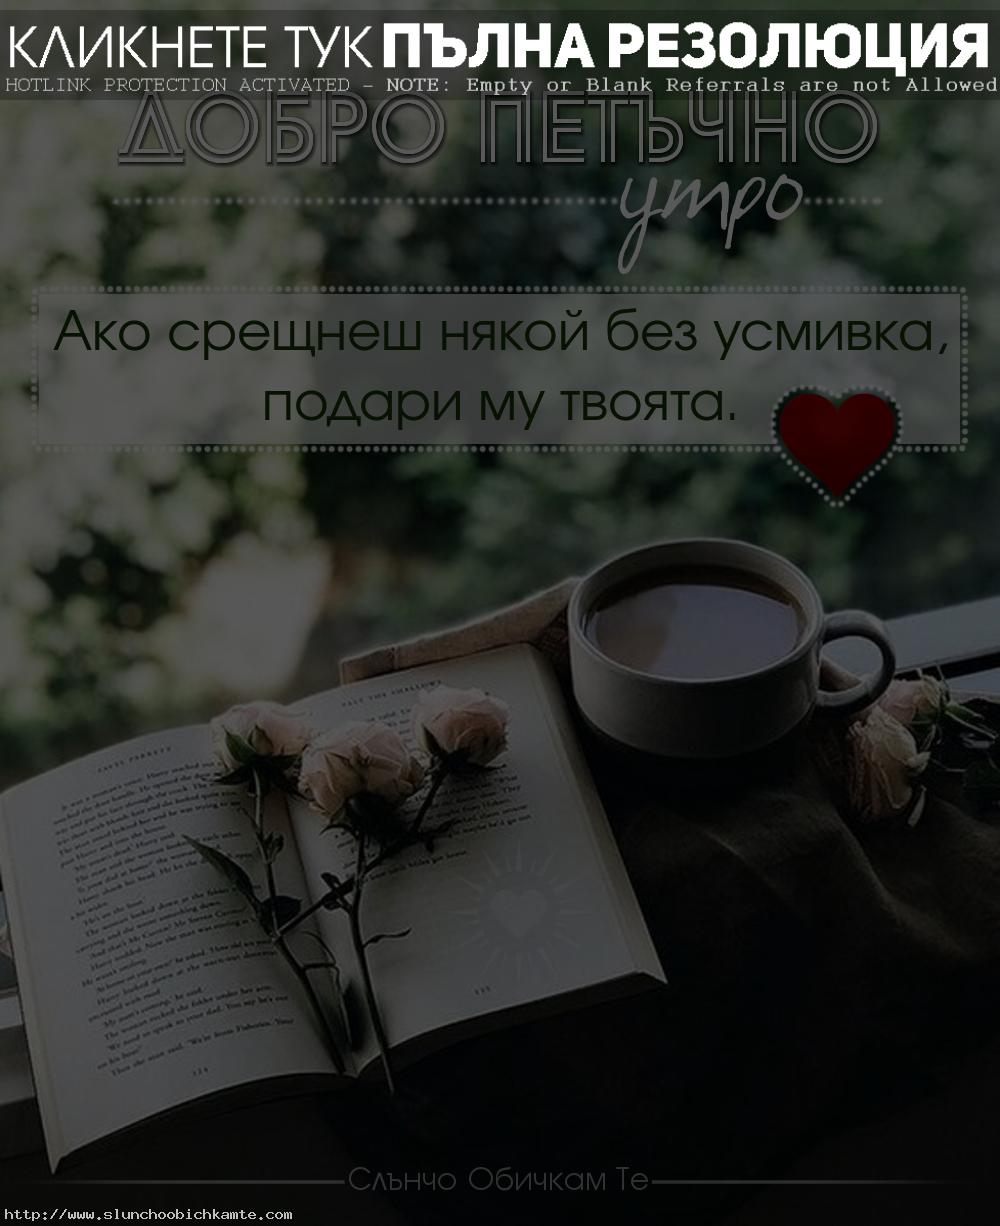 Добро петъчно утро Добро утро в Петък - пожелания за добро утро, добро утро и усмихнат ден, добро утро и слънчев ден, добро утро петък, усмивка, ако срещнеш, без усмивка, подарък, дар, обич, добрина, добро утро цвете роза кафе фрази петък сутрин, хубав ден, щастлив ден, усмихнат ден, слънчев ден